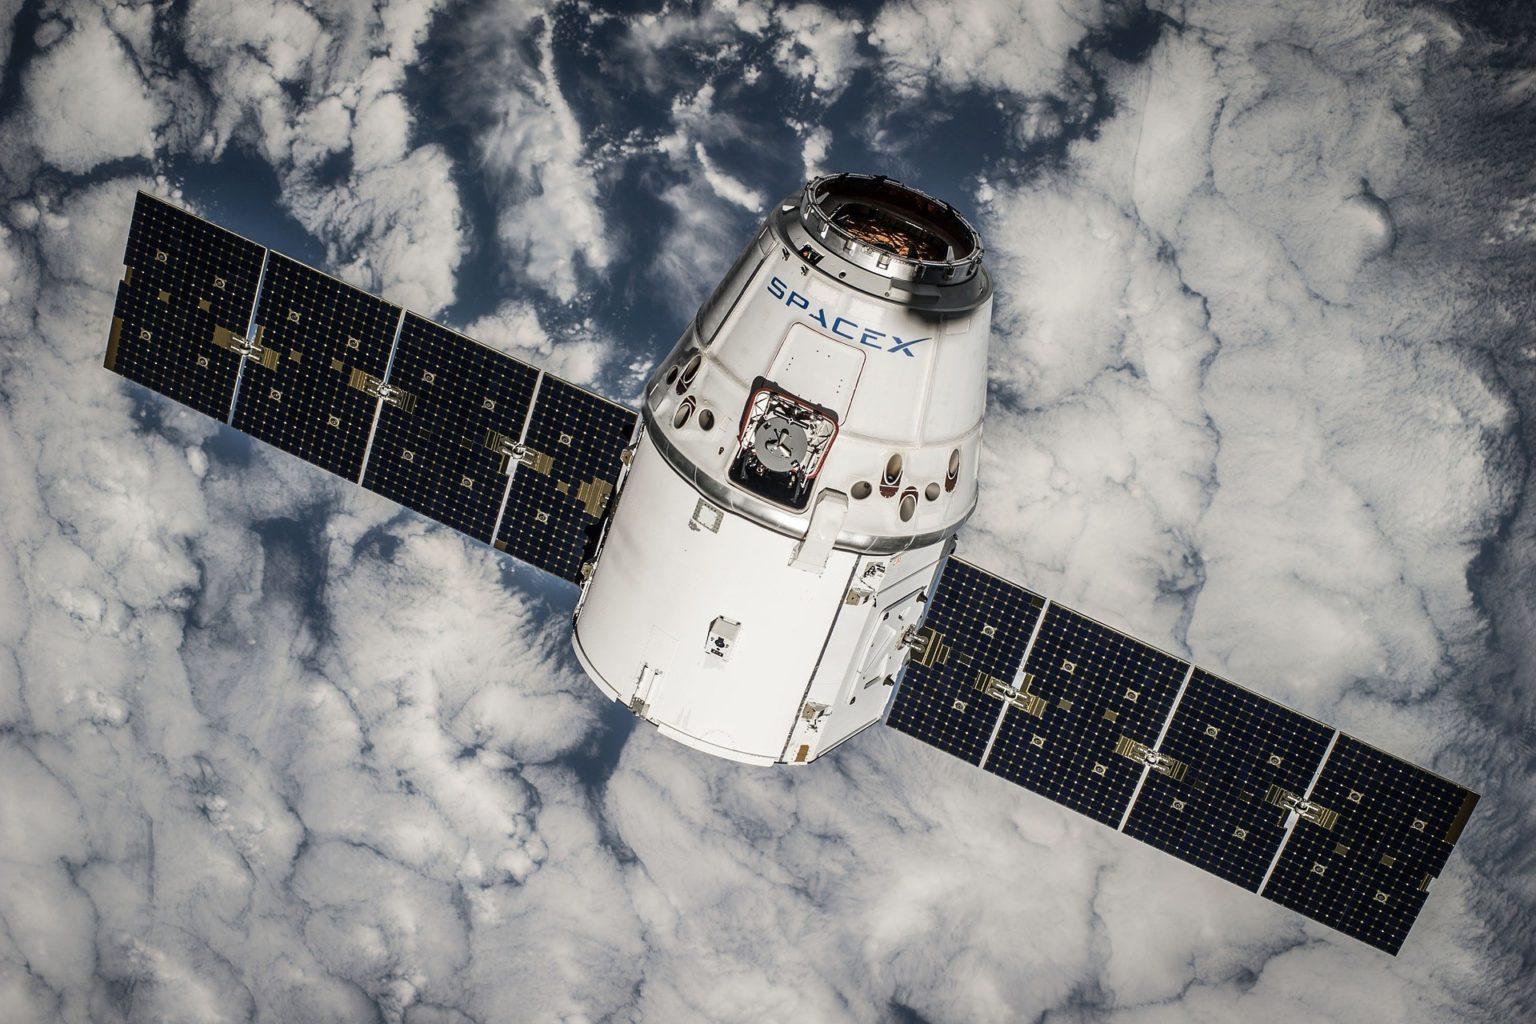 Хотите слетать на Луну? Японский миллиардер оплатит полет 8 добровольцам